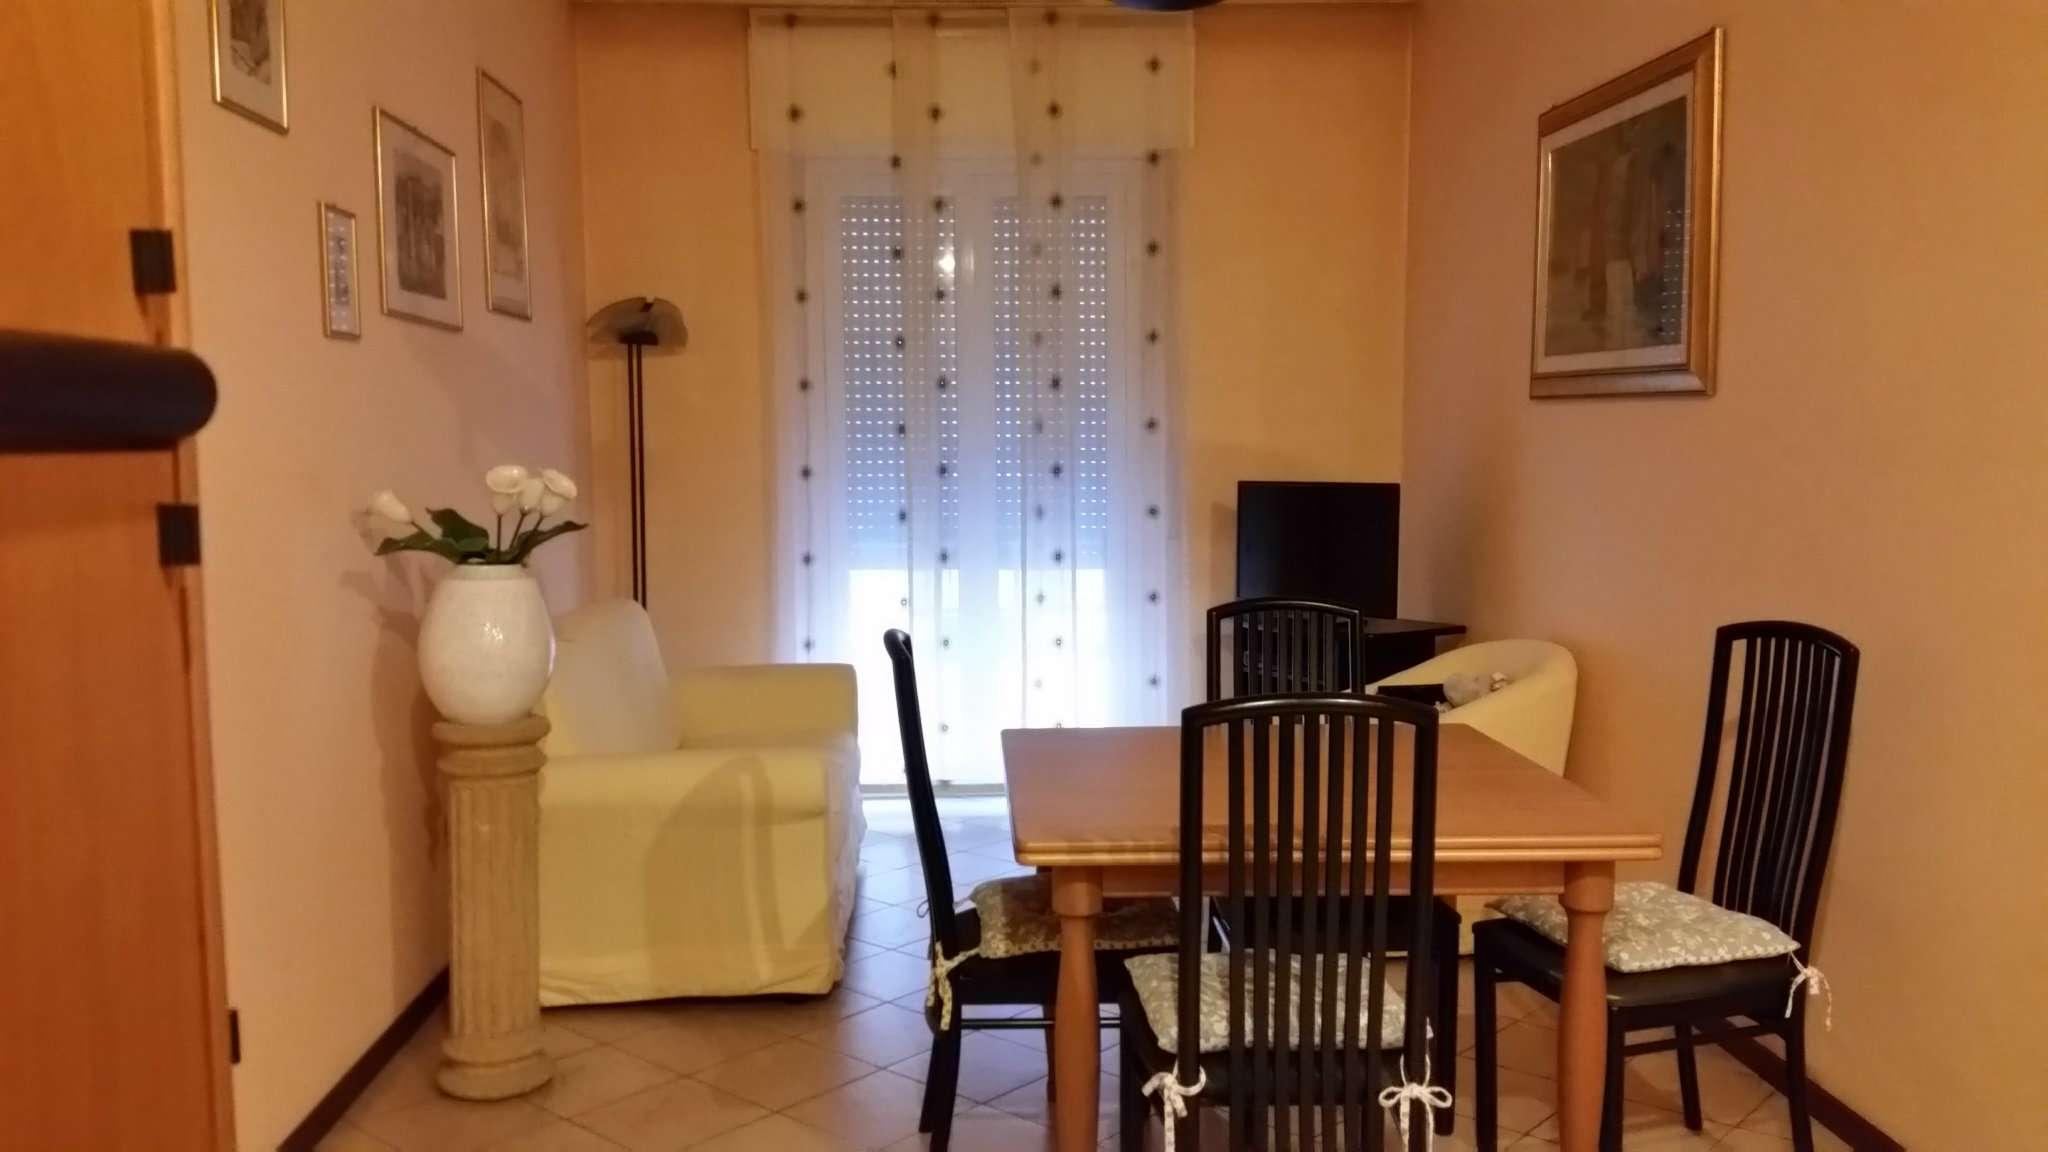 Appartamento in vendita a Milano, 2 locali, zona Zona: 3 . Bicocca, Greco, Monza, Palmanova, Padova, prezzo € 188.000 | Cambio Casa.it